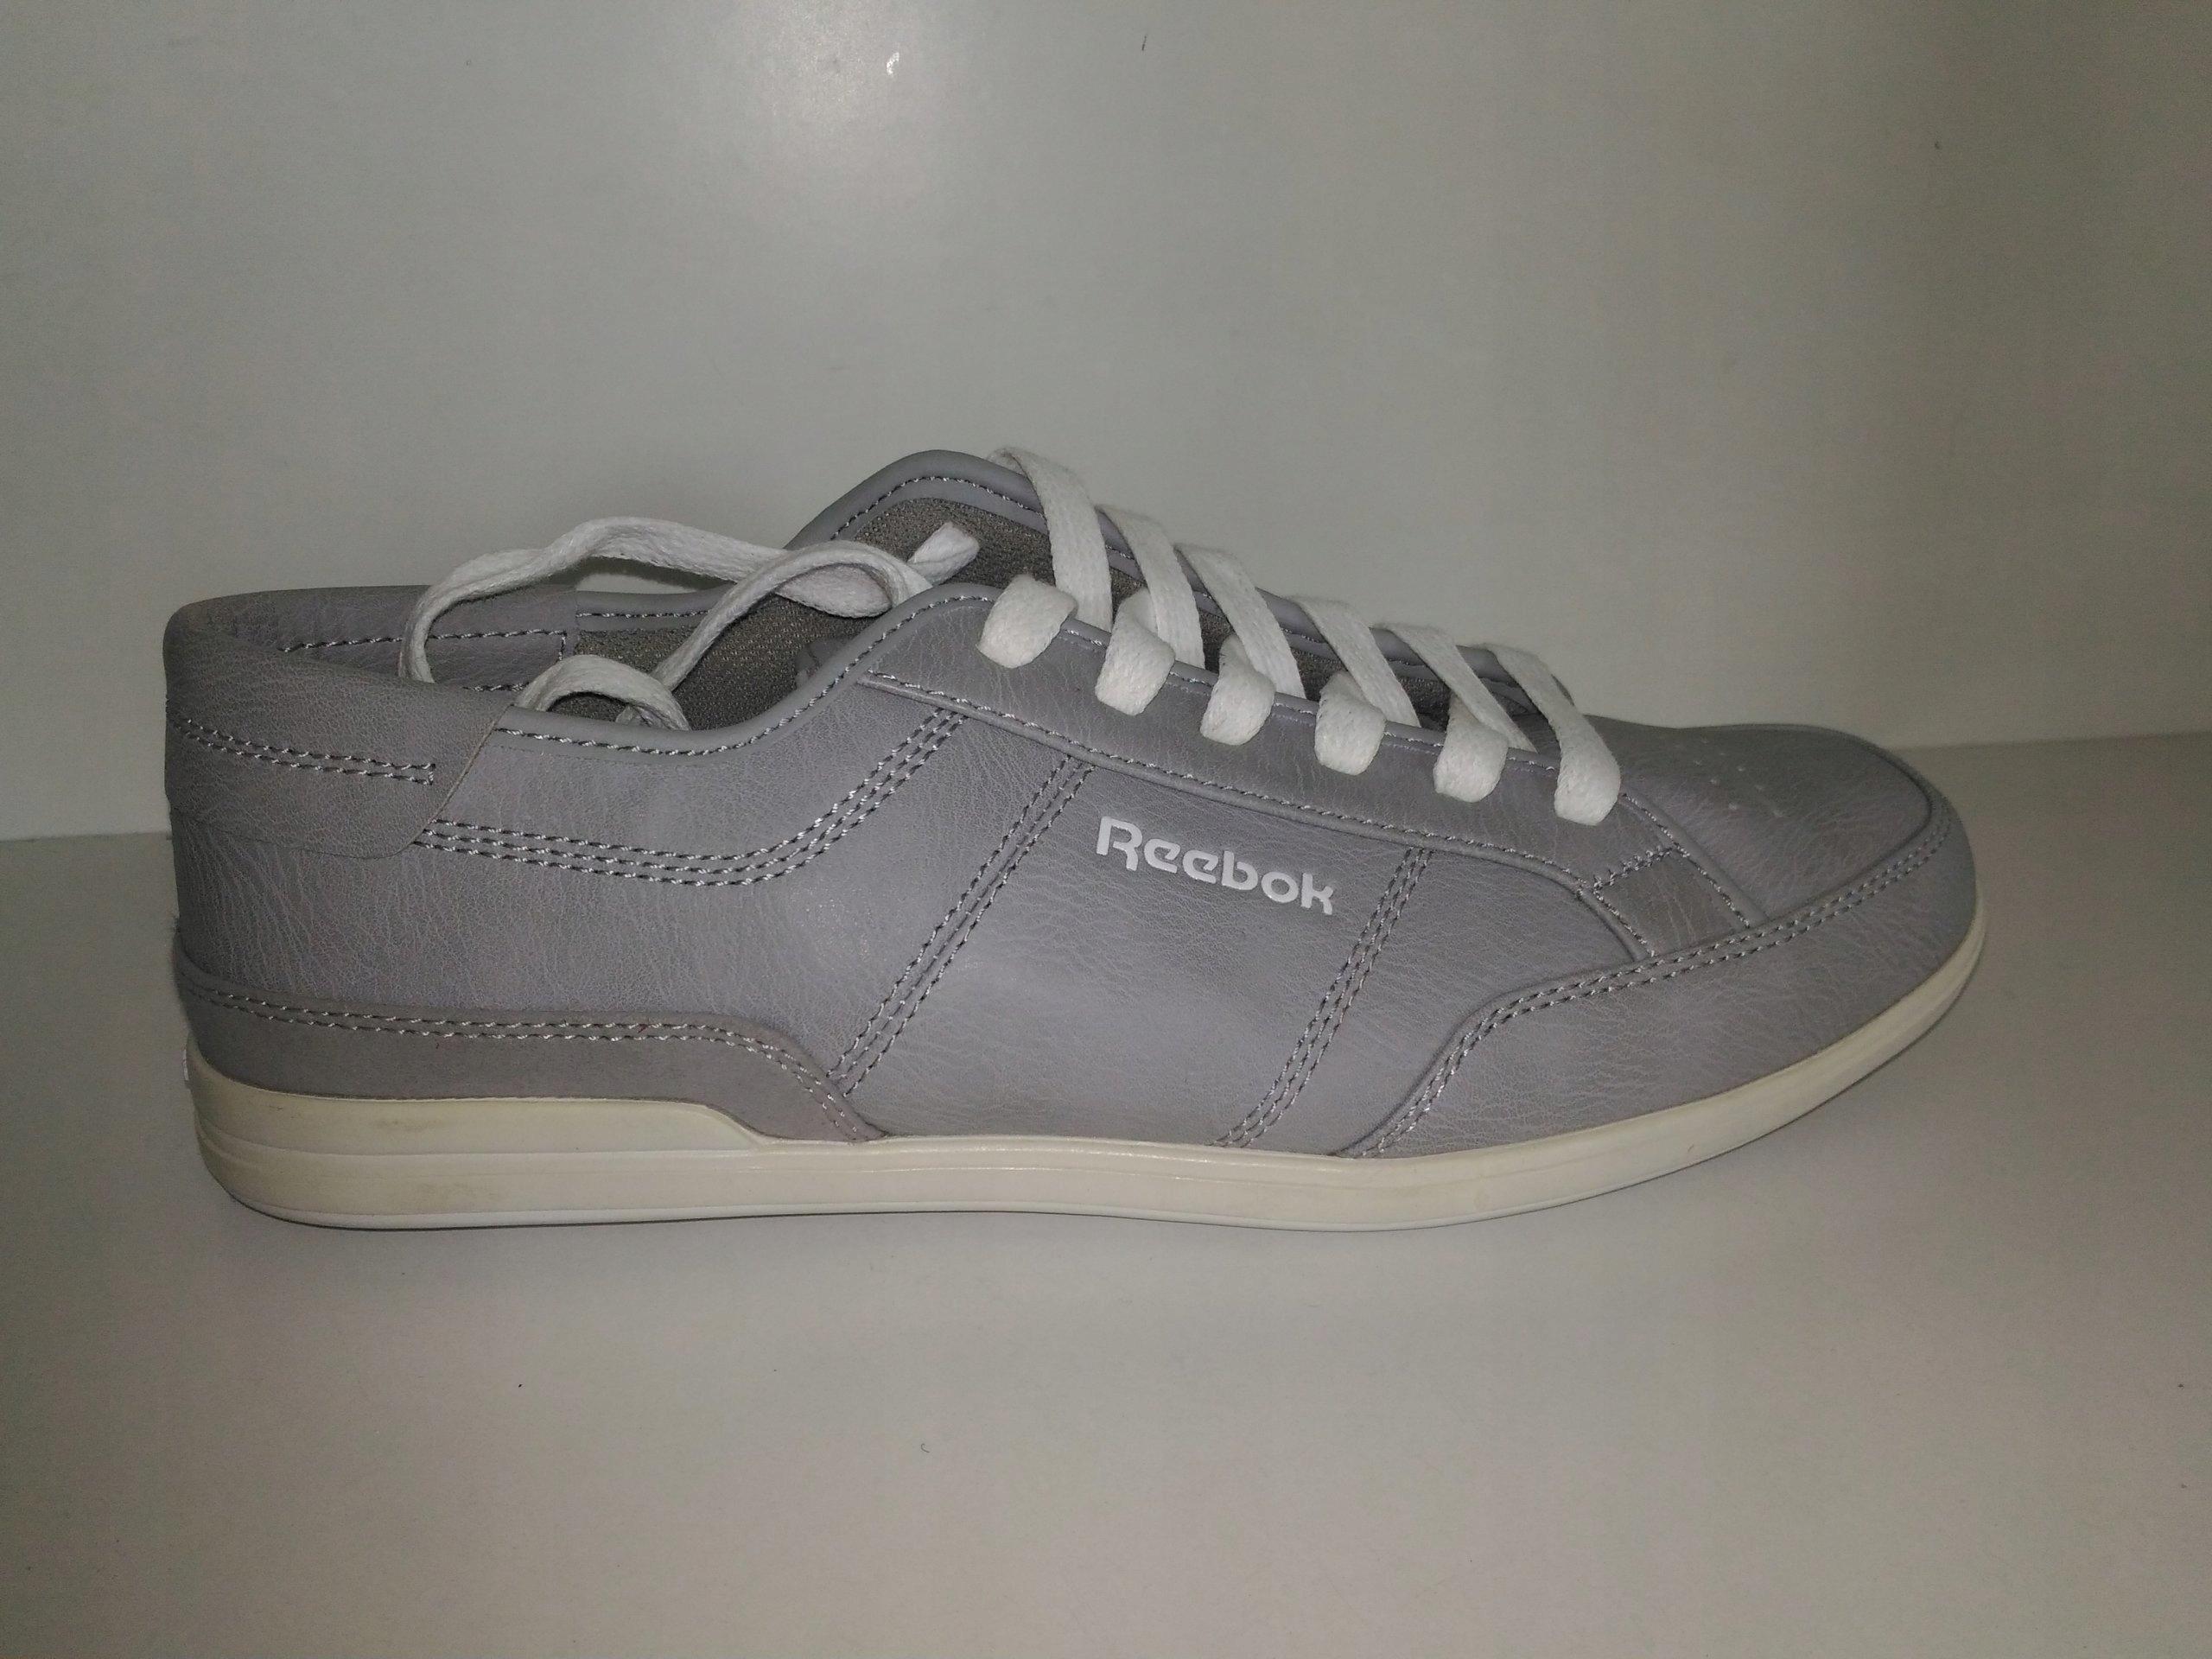 Buty używane Reebok V52775 rozmiar 40,5